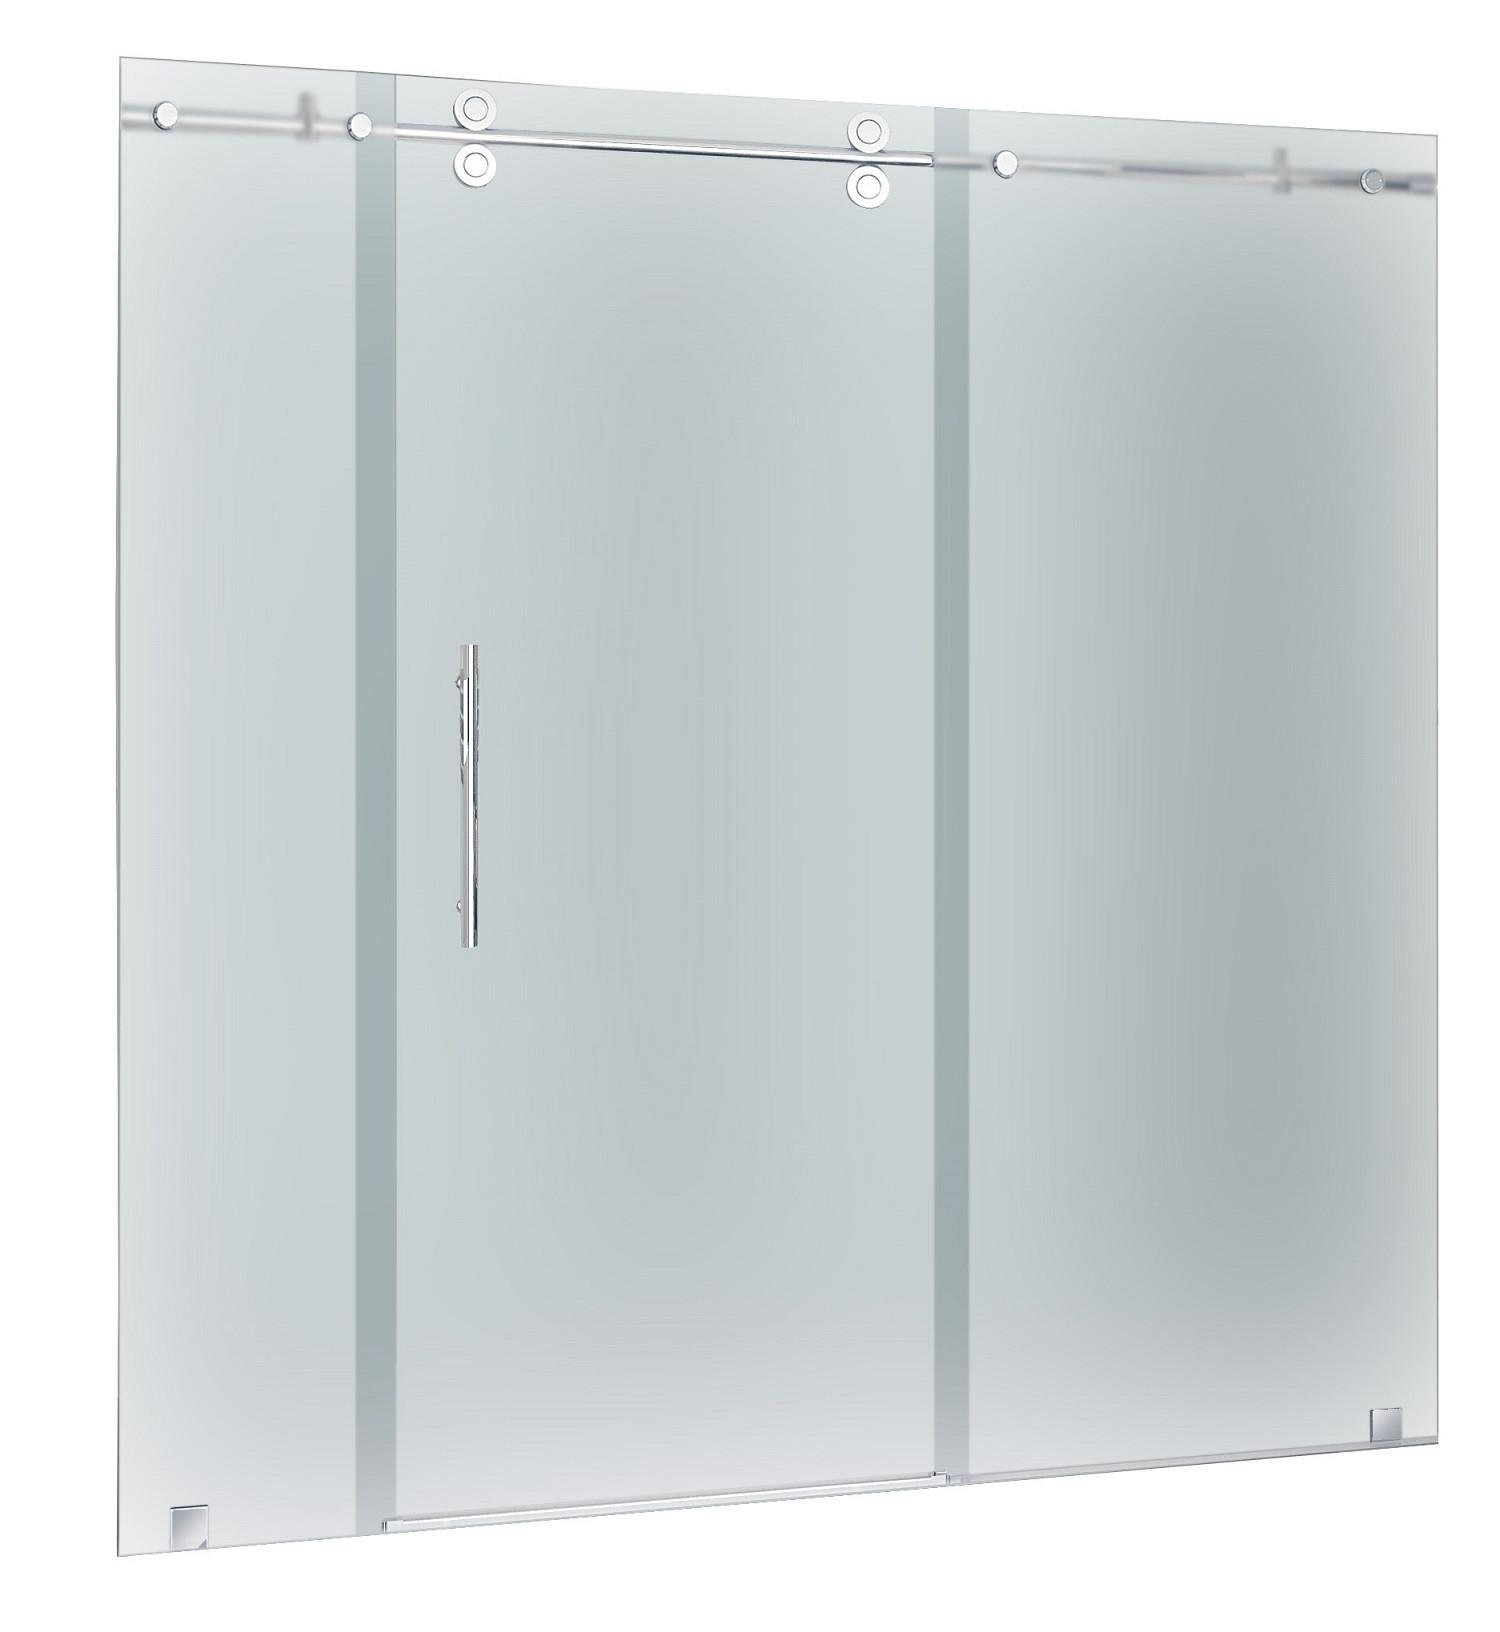 Aston Global SDR978F-SS-72-10 Frameless Frosted Glass Sliding Shower Door In Stainless Steel